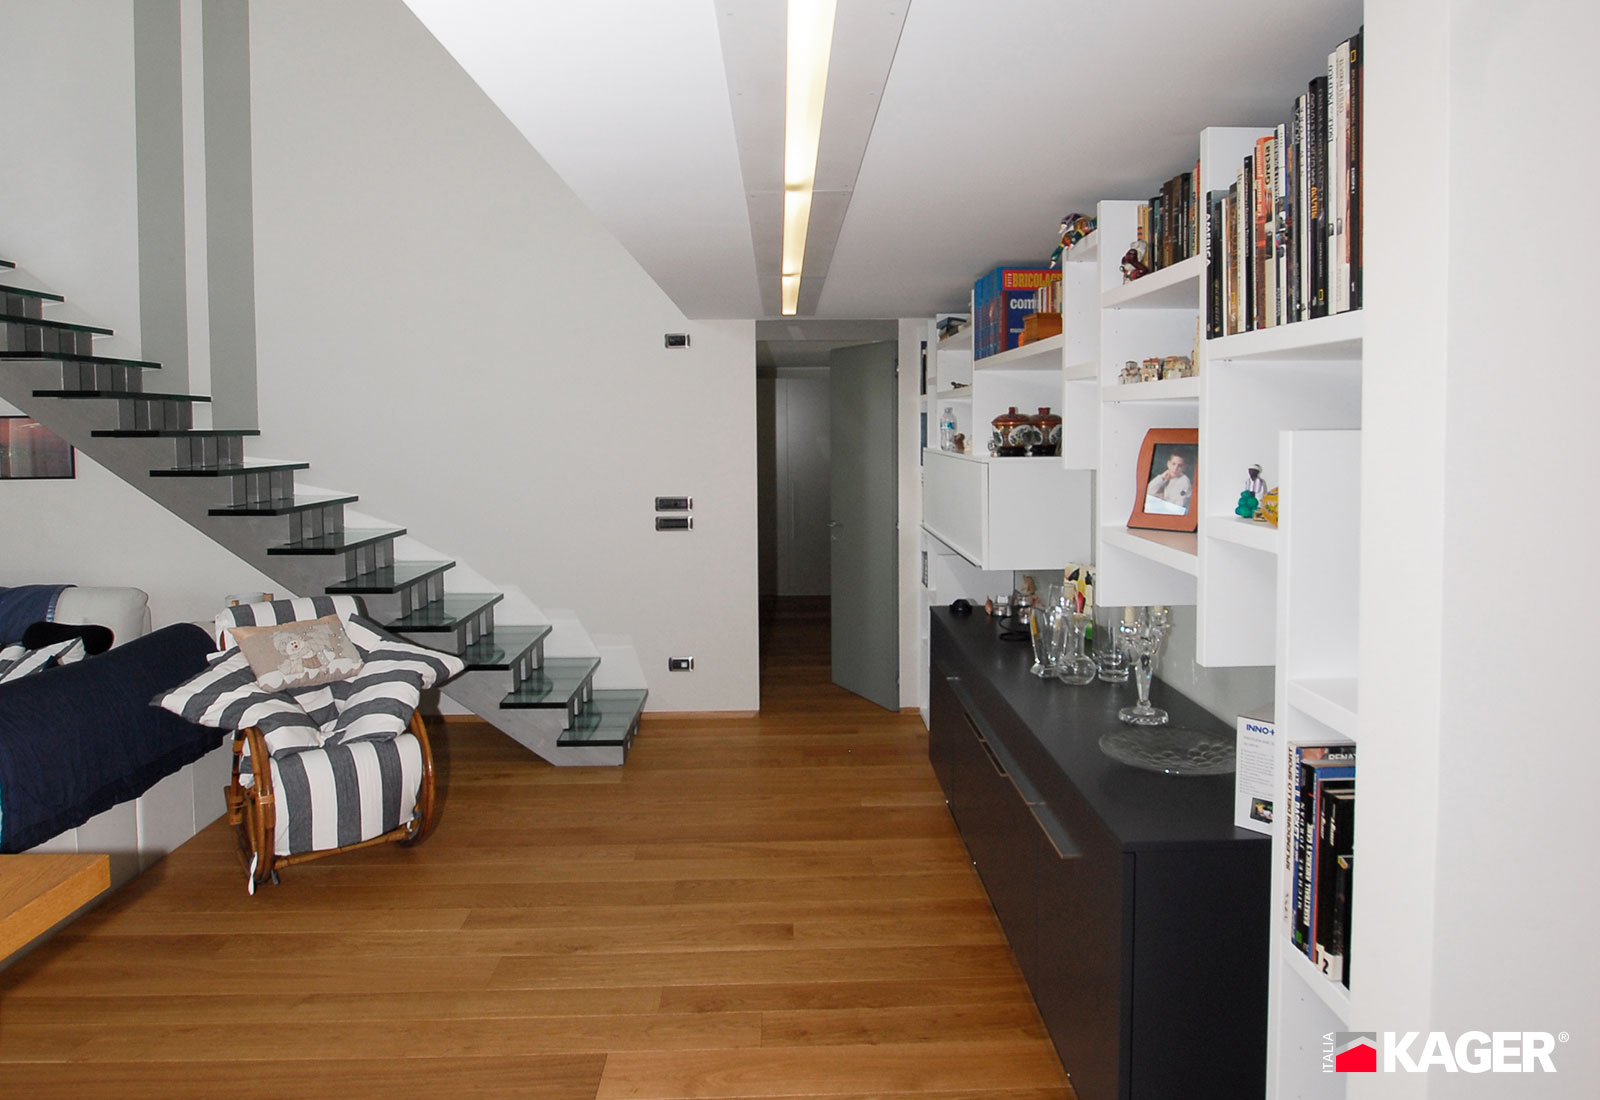 Casa-in-legno-Vercelli-Kager-Italia-07